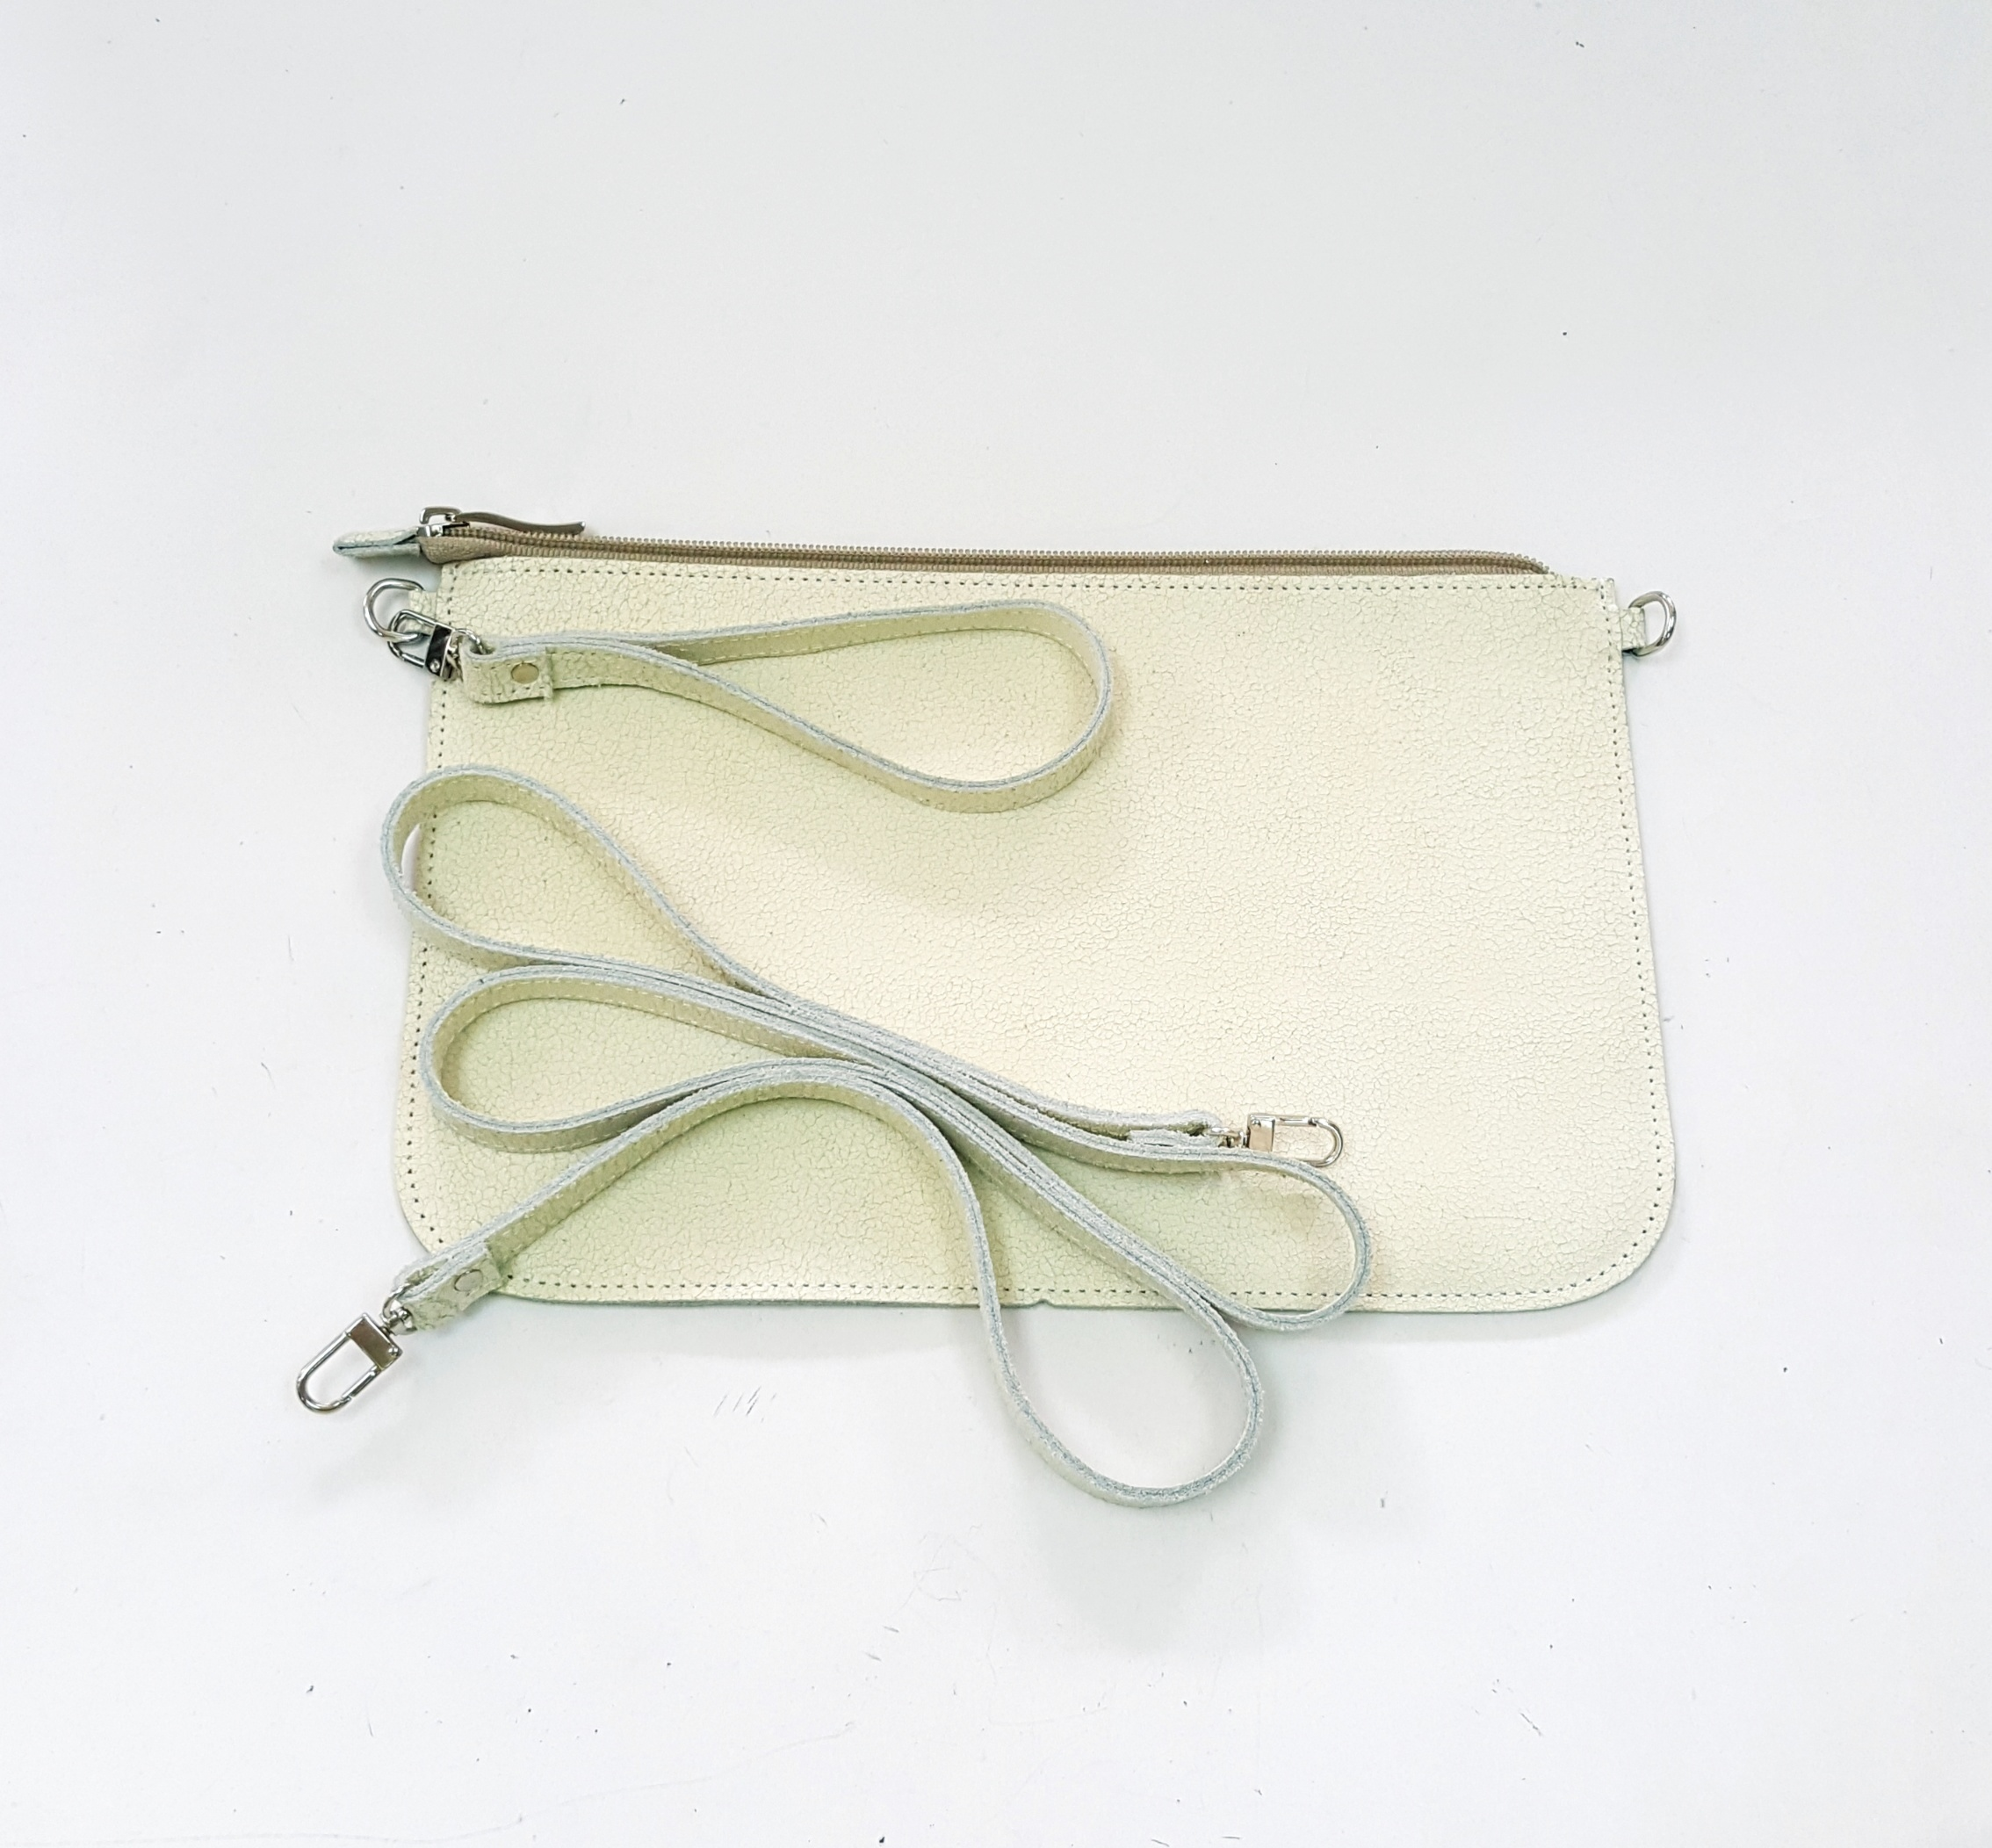 Fancy white Leather Shoulder Bag Cosmetic Bag Travel Set